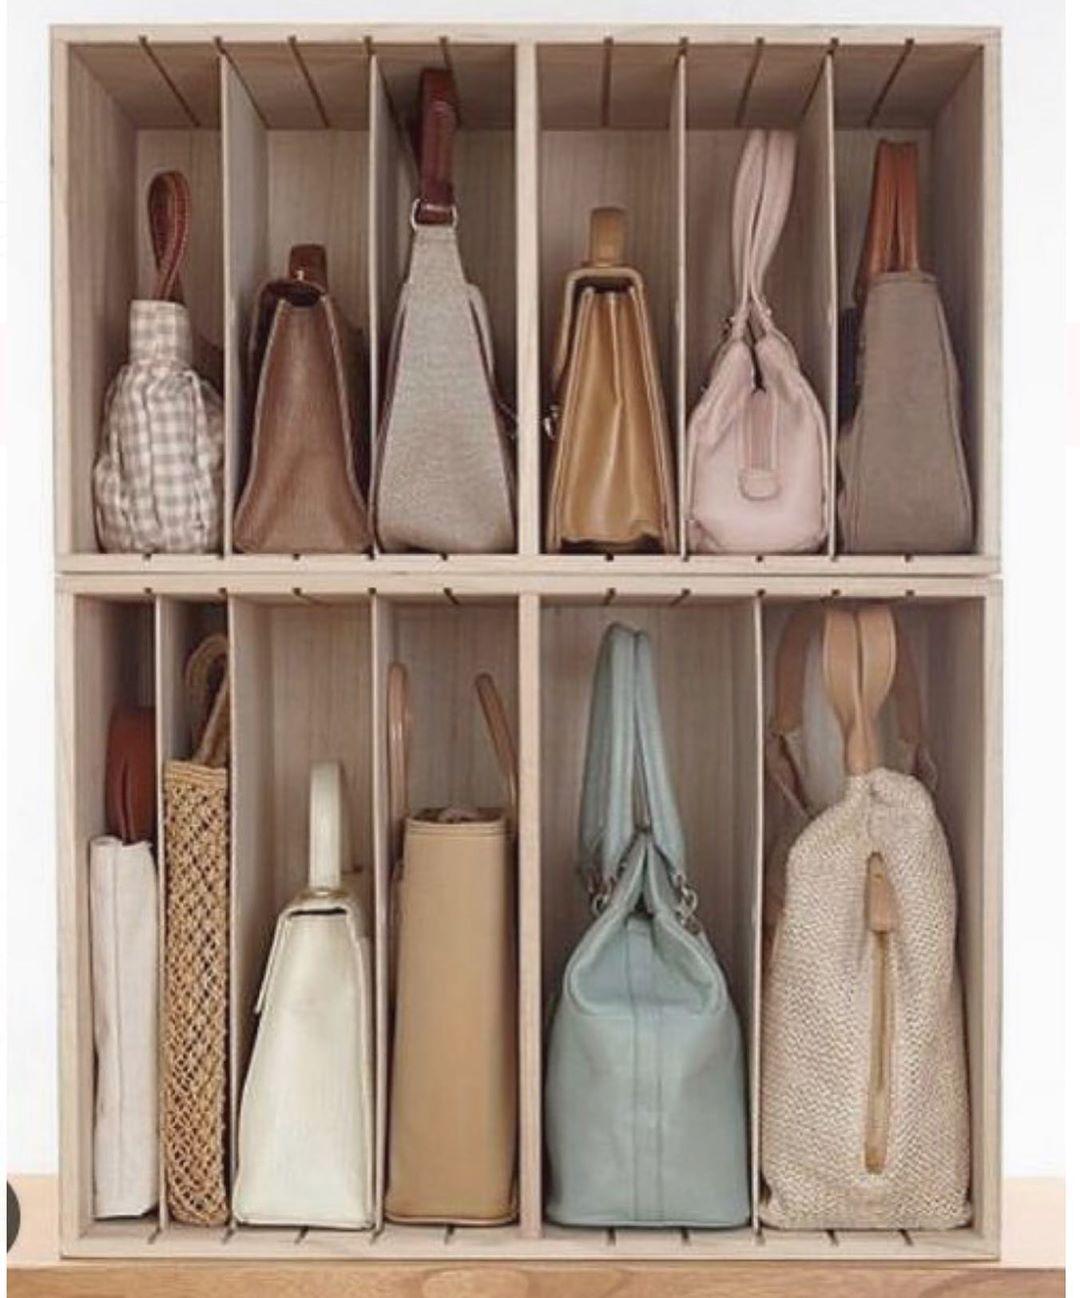 Pin By H E L L O H On C L O S E T In 2020 Handbag Storage Closet Bedroom Organization